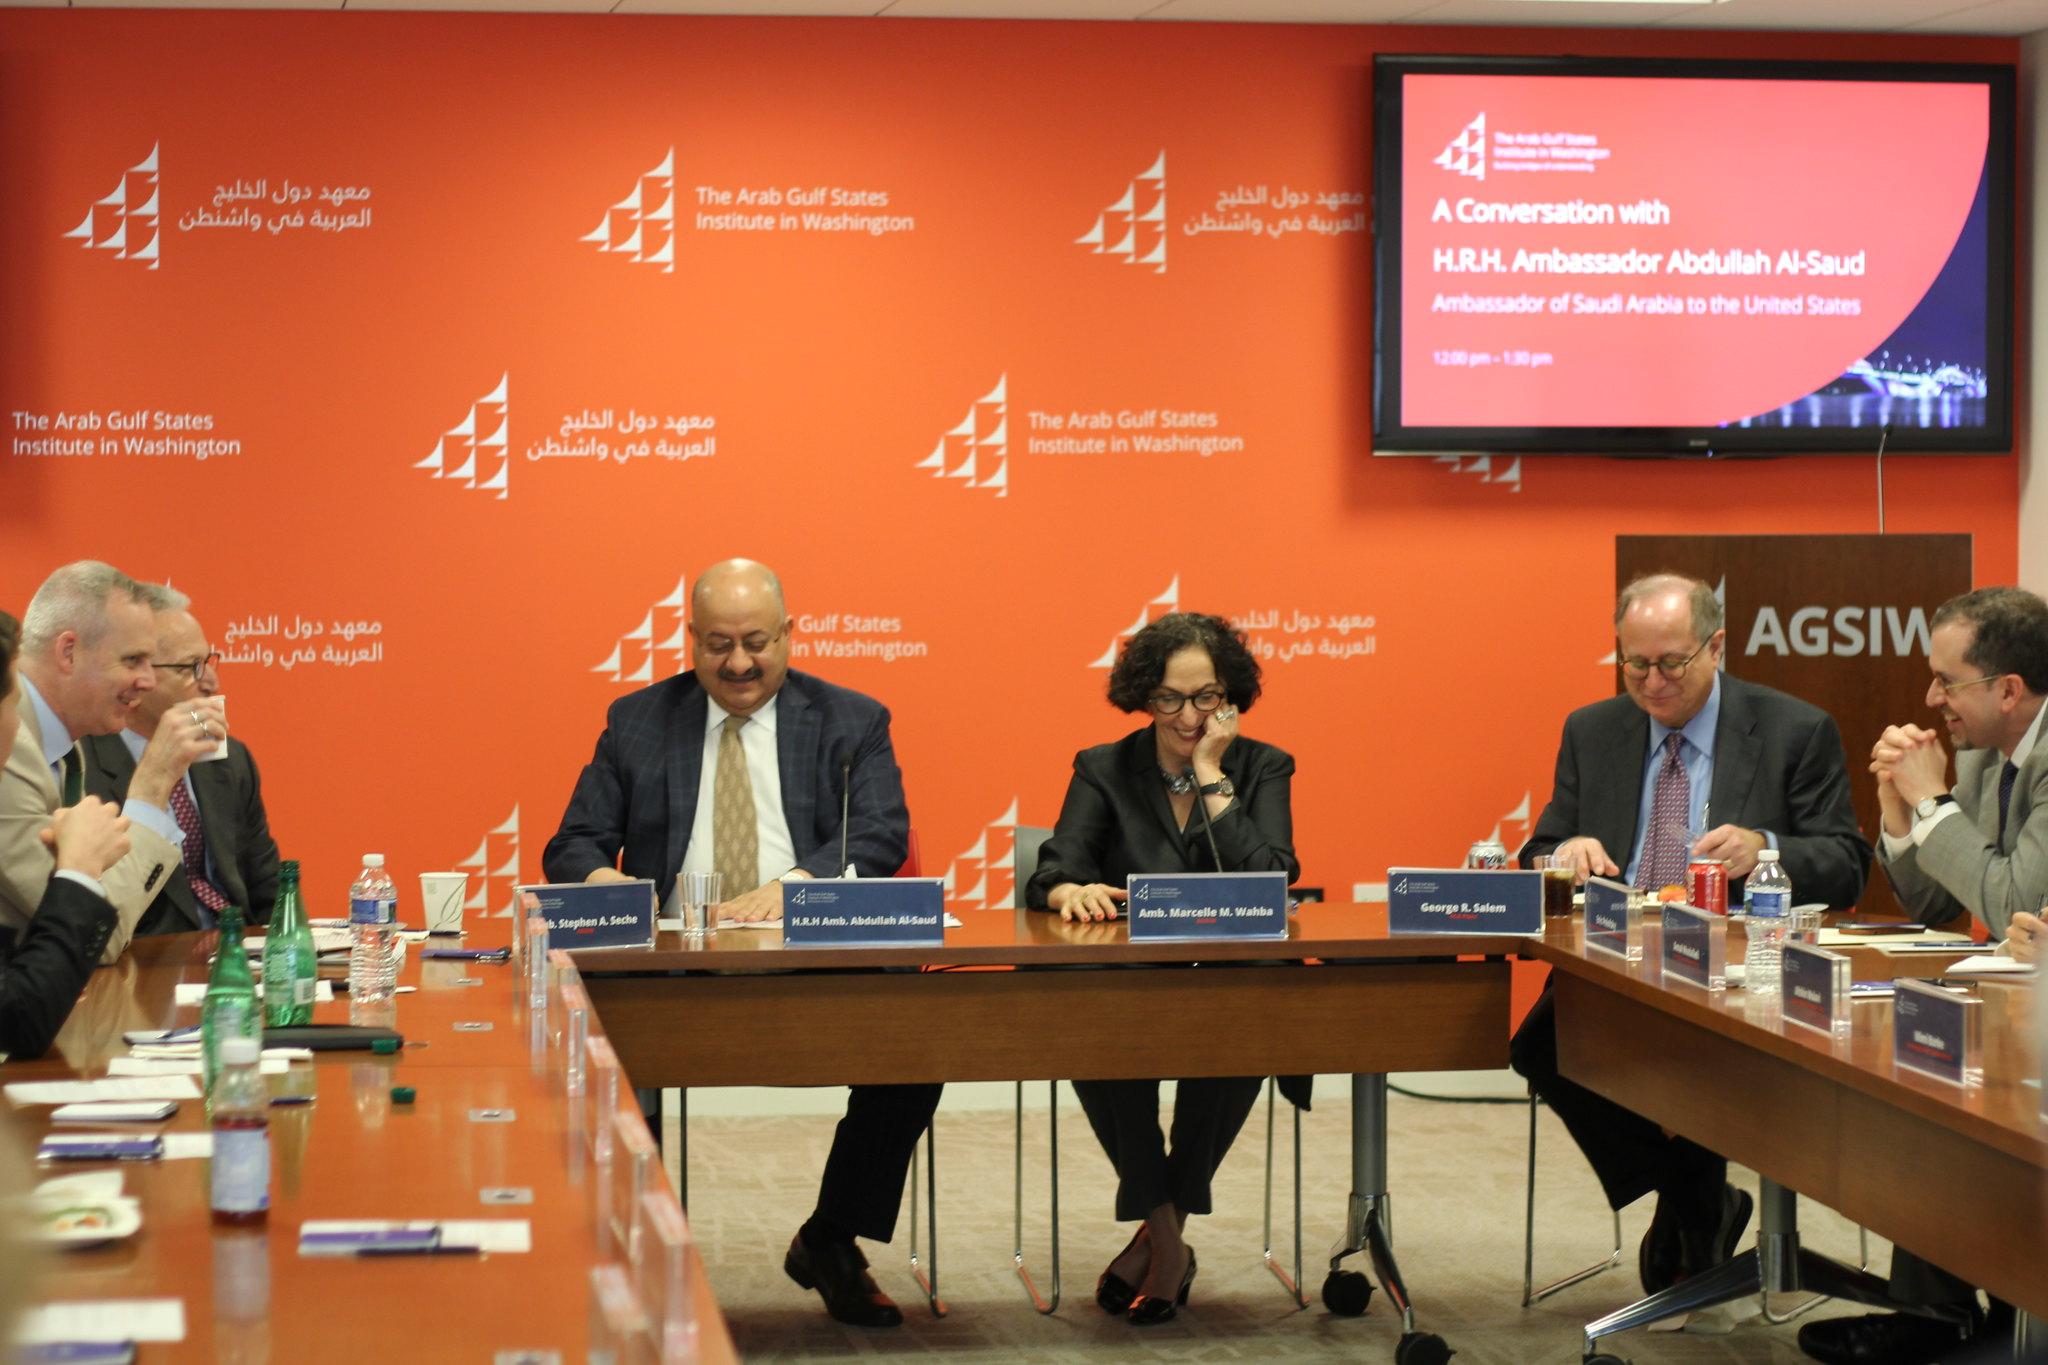 A Conversation with H.R.H. Ambassador Abdullah Al-Saud